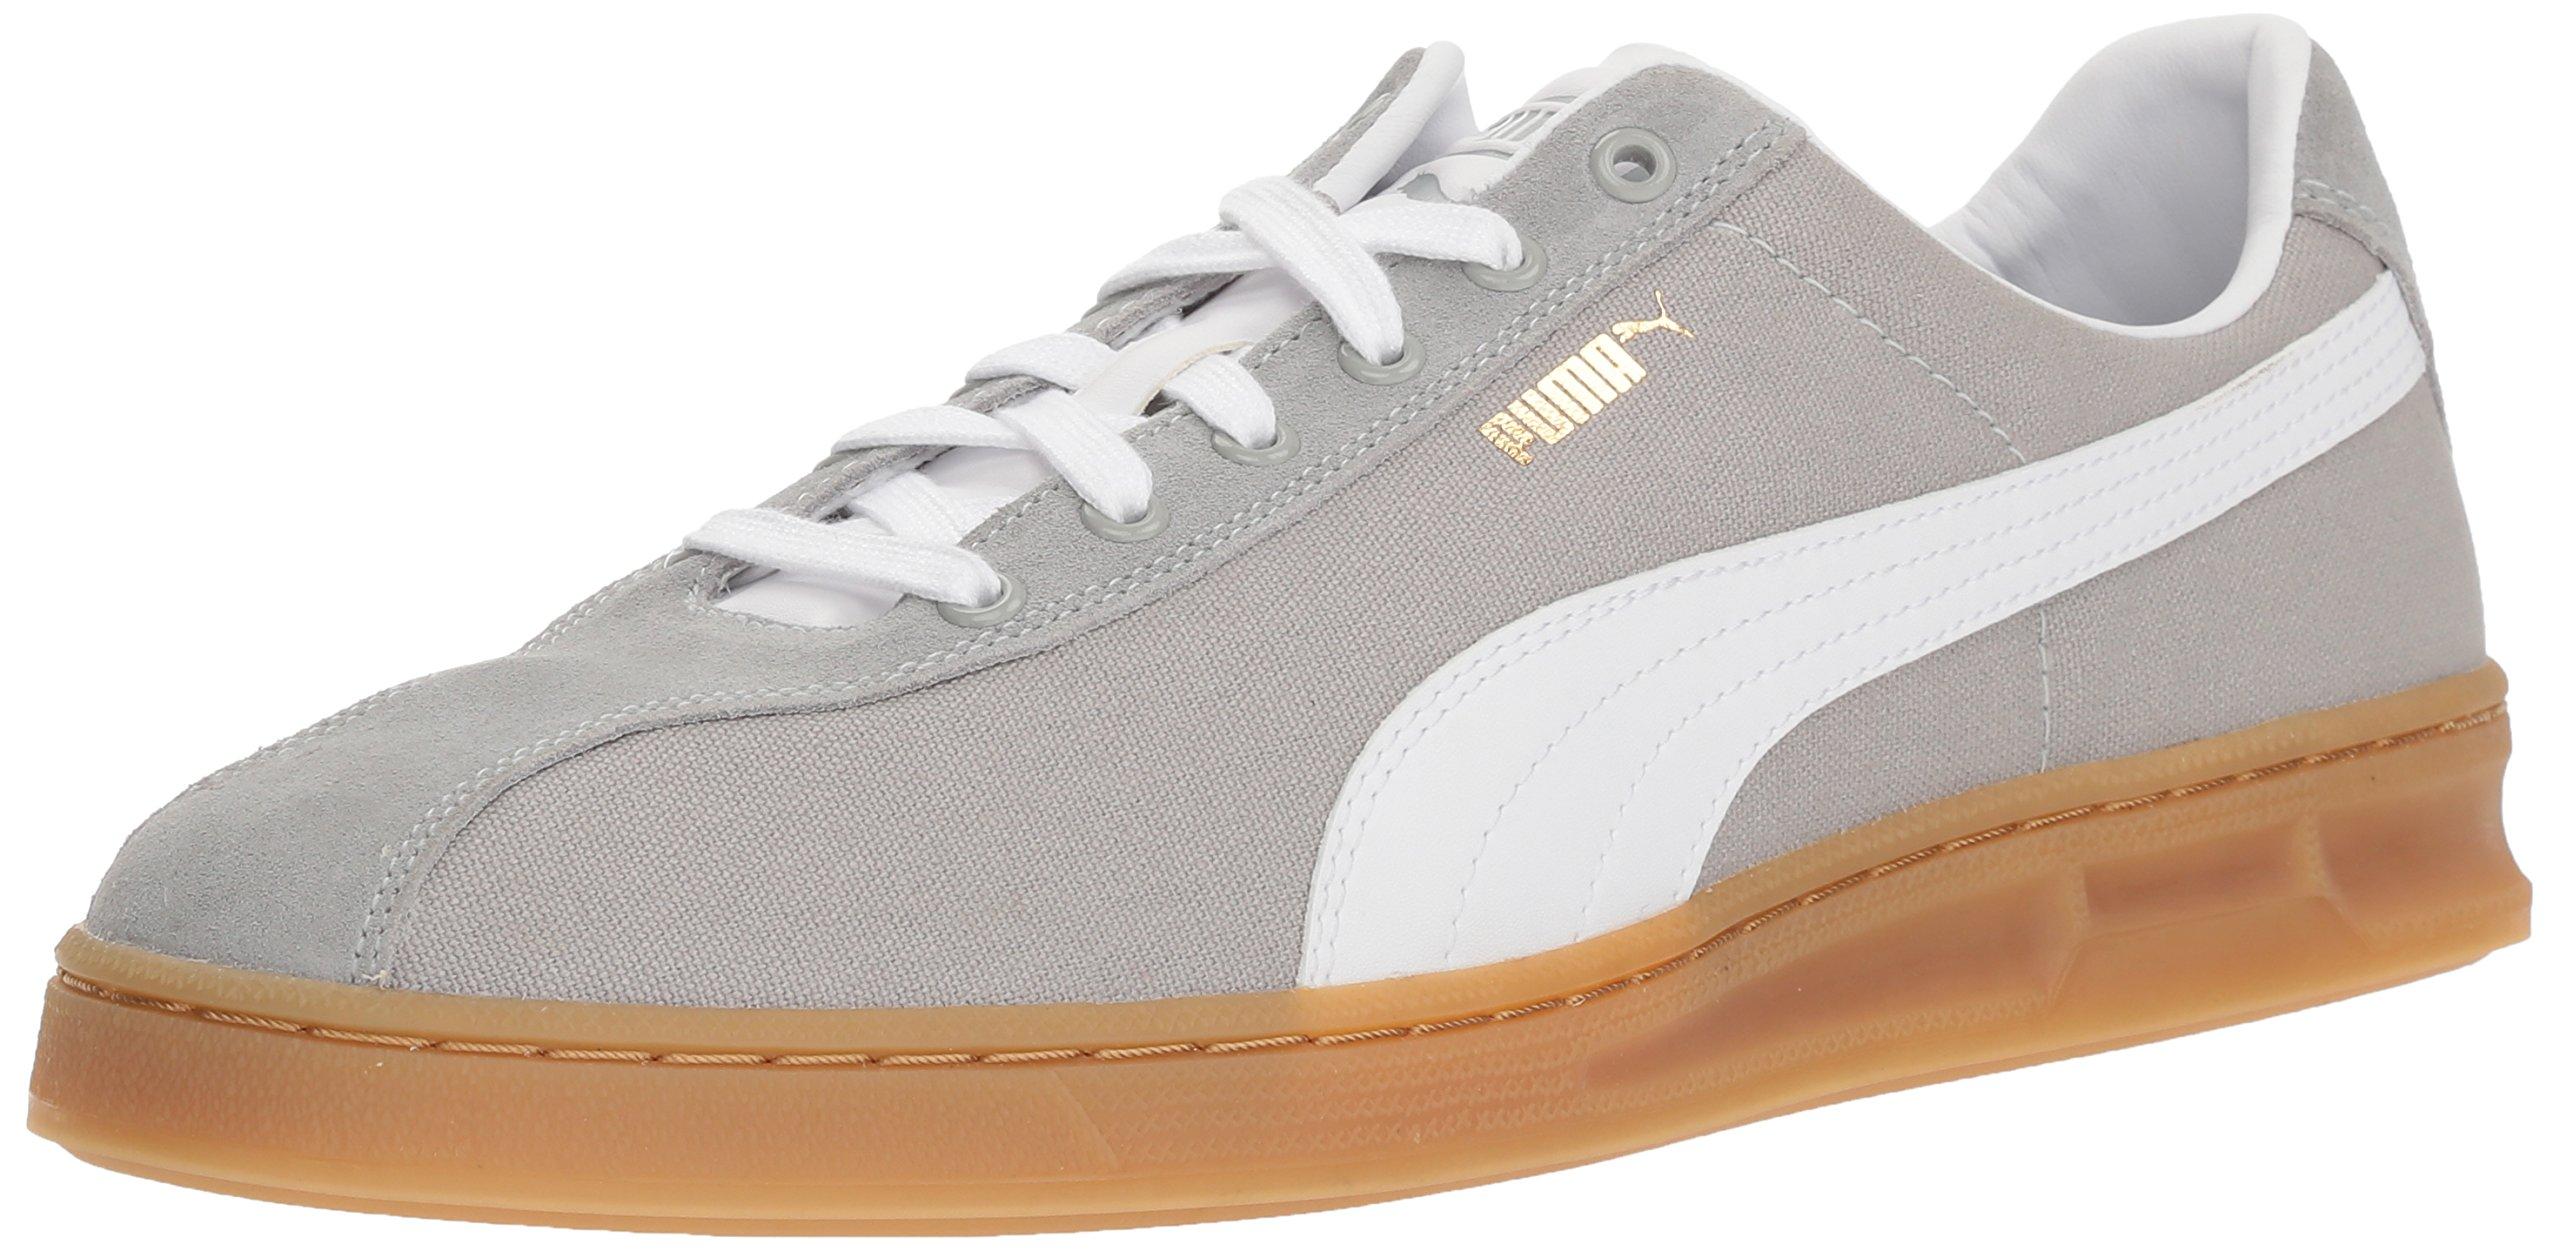 PUMA Men's TK Indoor Summer Sneaker, Quarry White, 10.5 M US